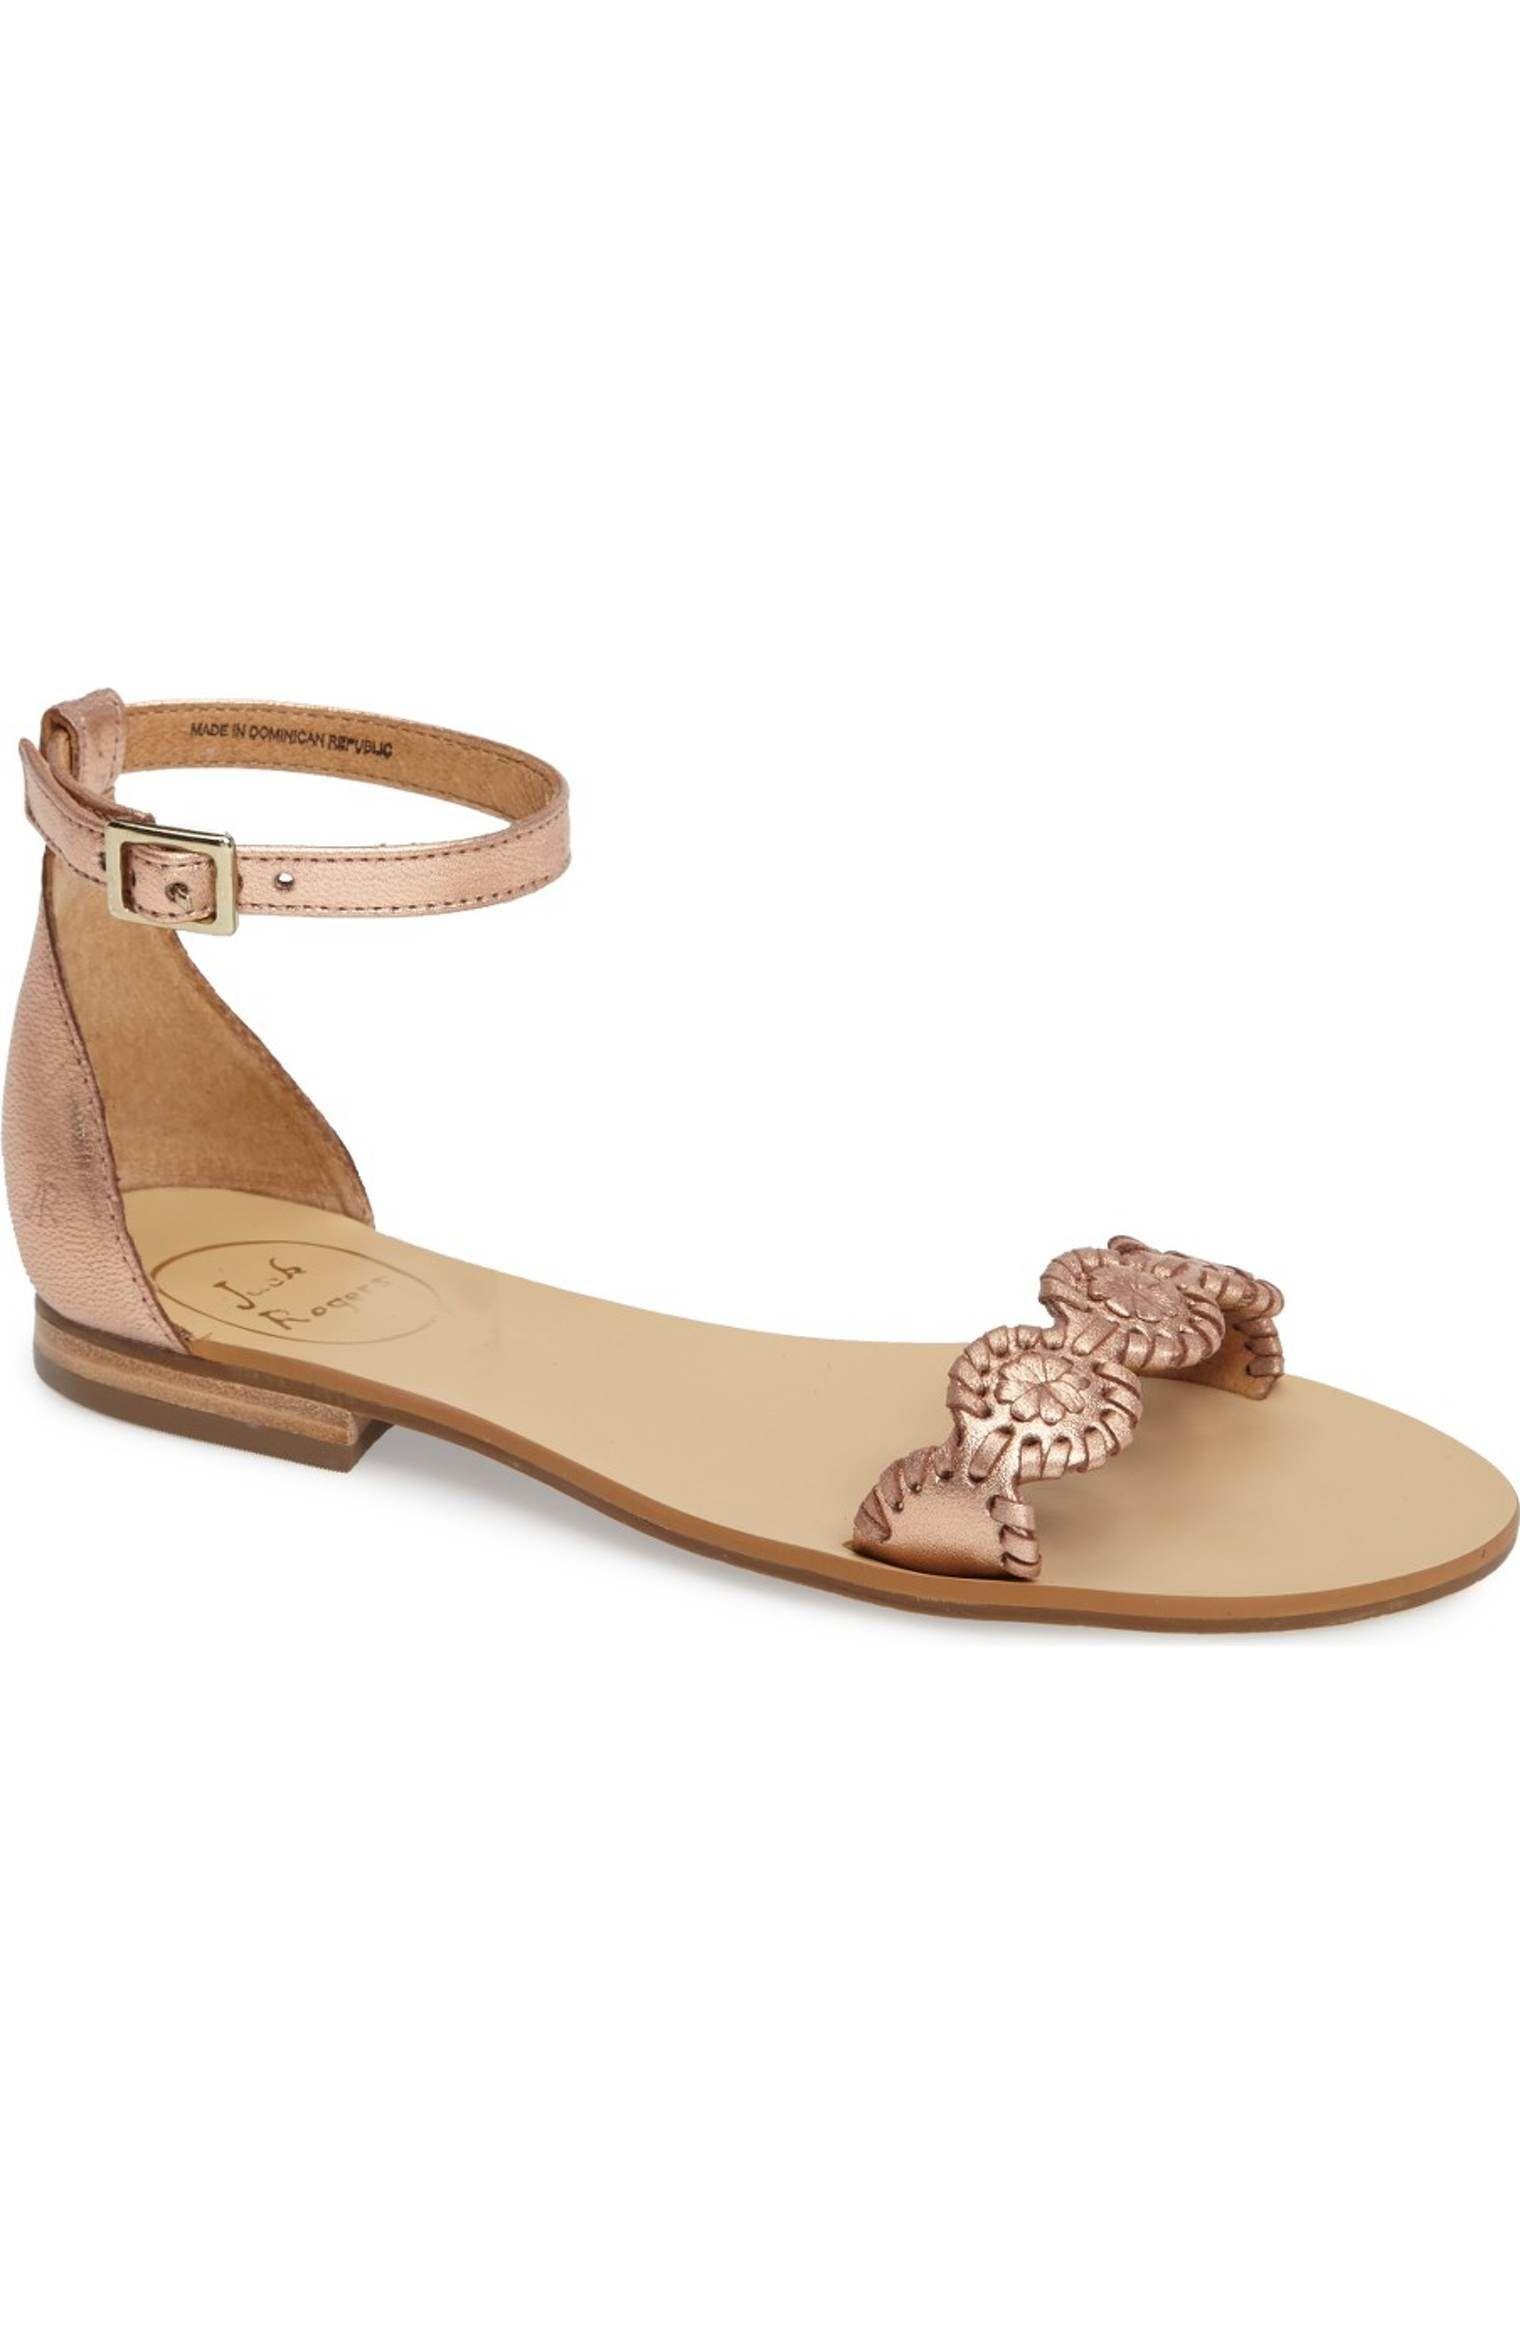 db74943f2d836 Jack Rogers Daphne Medallion Flat Sandal rose gold leather ankle strap   127.95